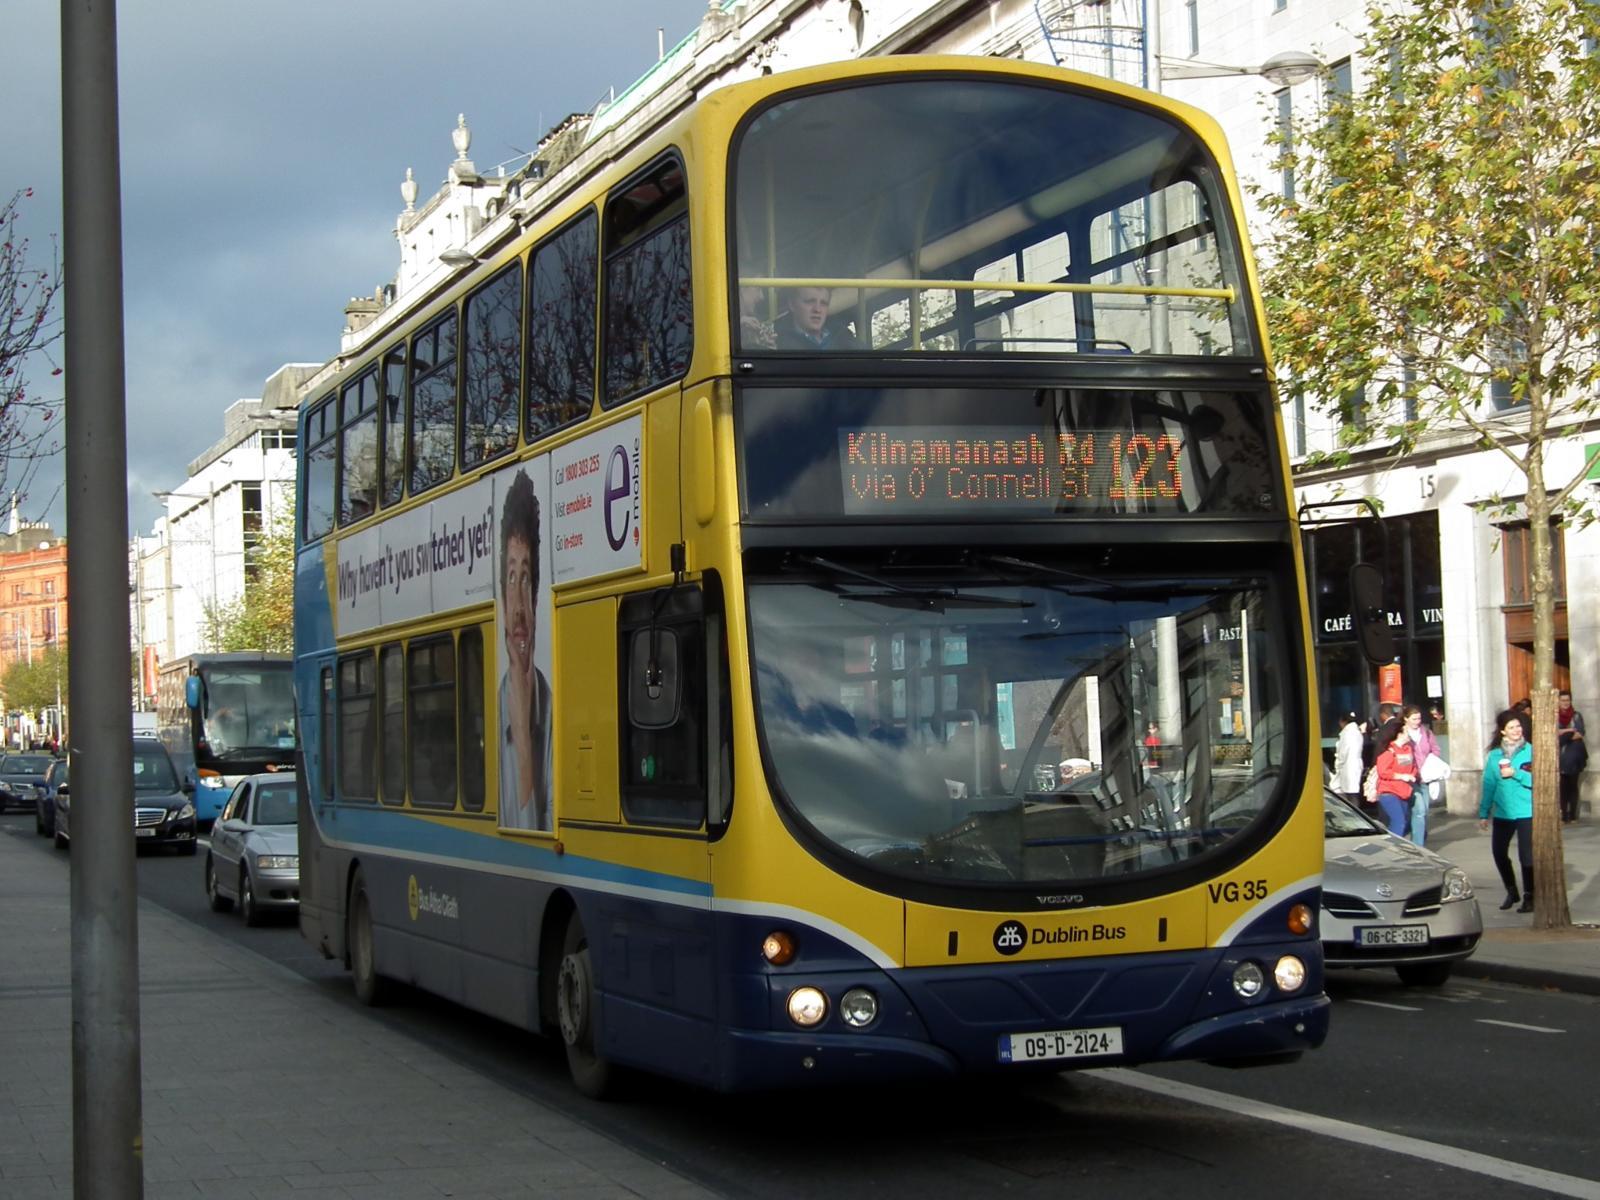 File:Dublin Bus, Volvo B9TL Wright Eclipse Gemini (09-D-2124